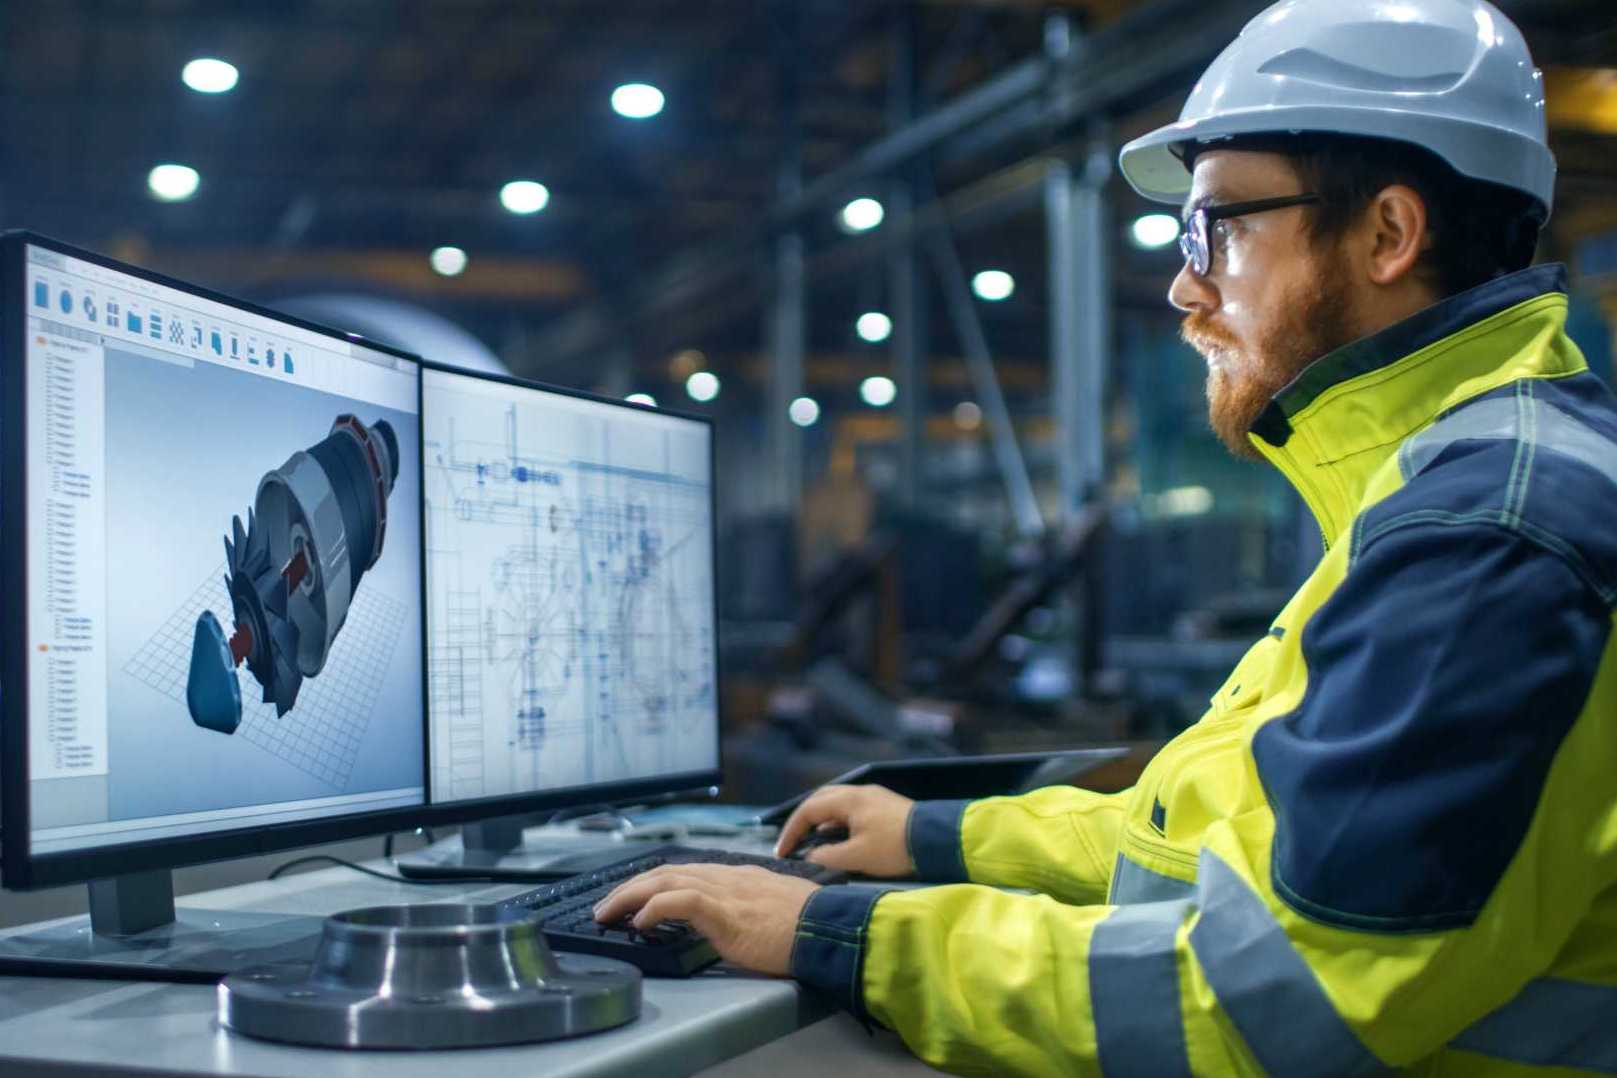 Цифровизация промышленной безопасности и охраны труда: материалы конференции